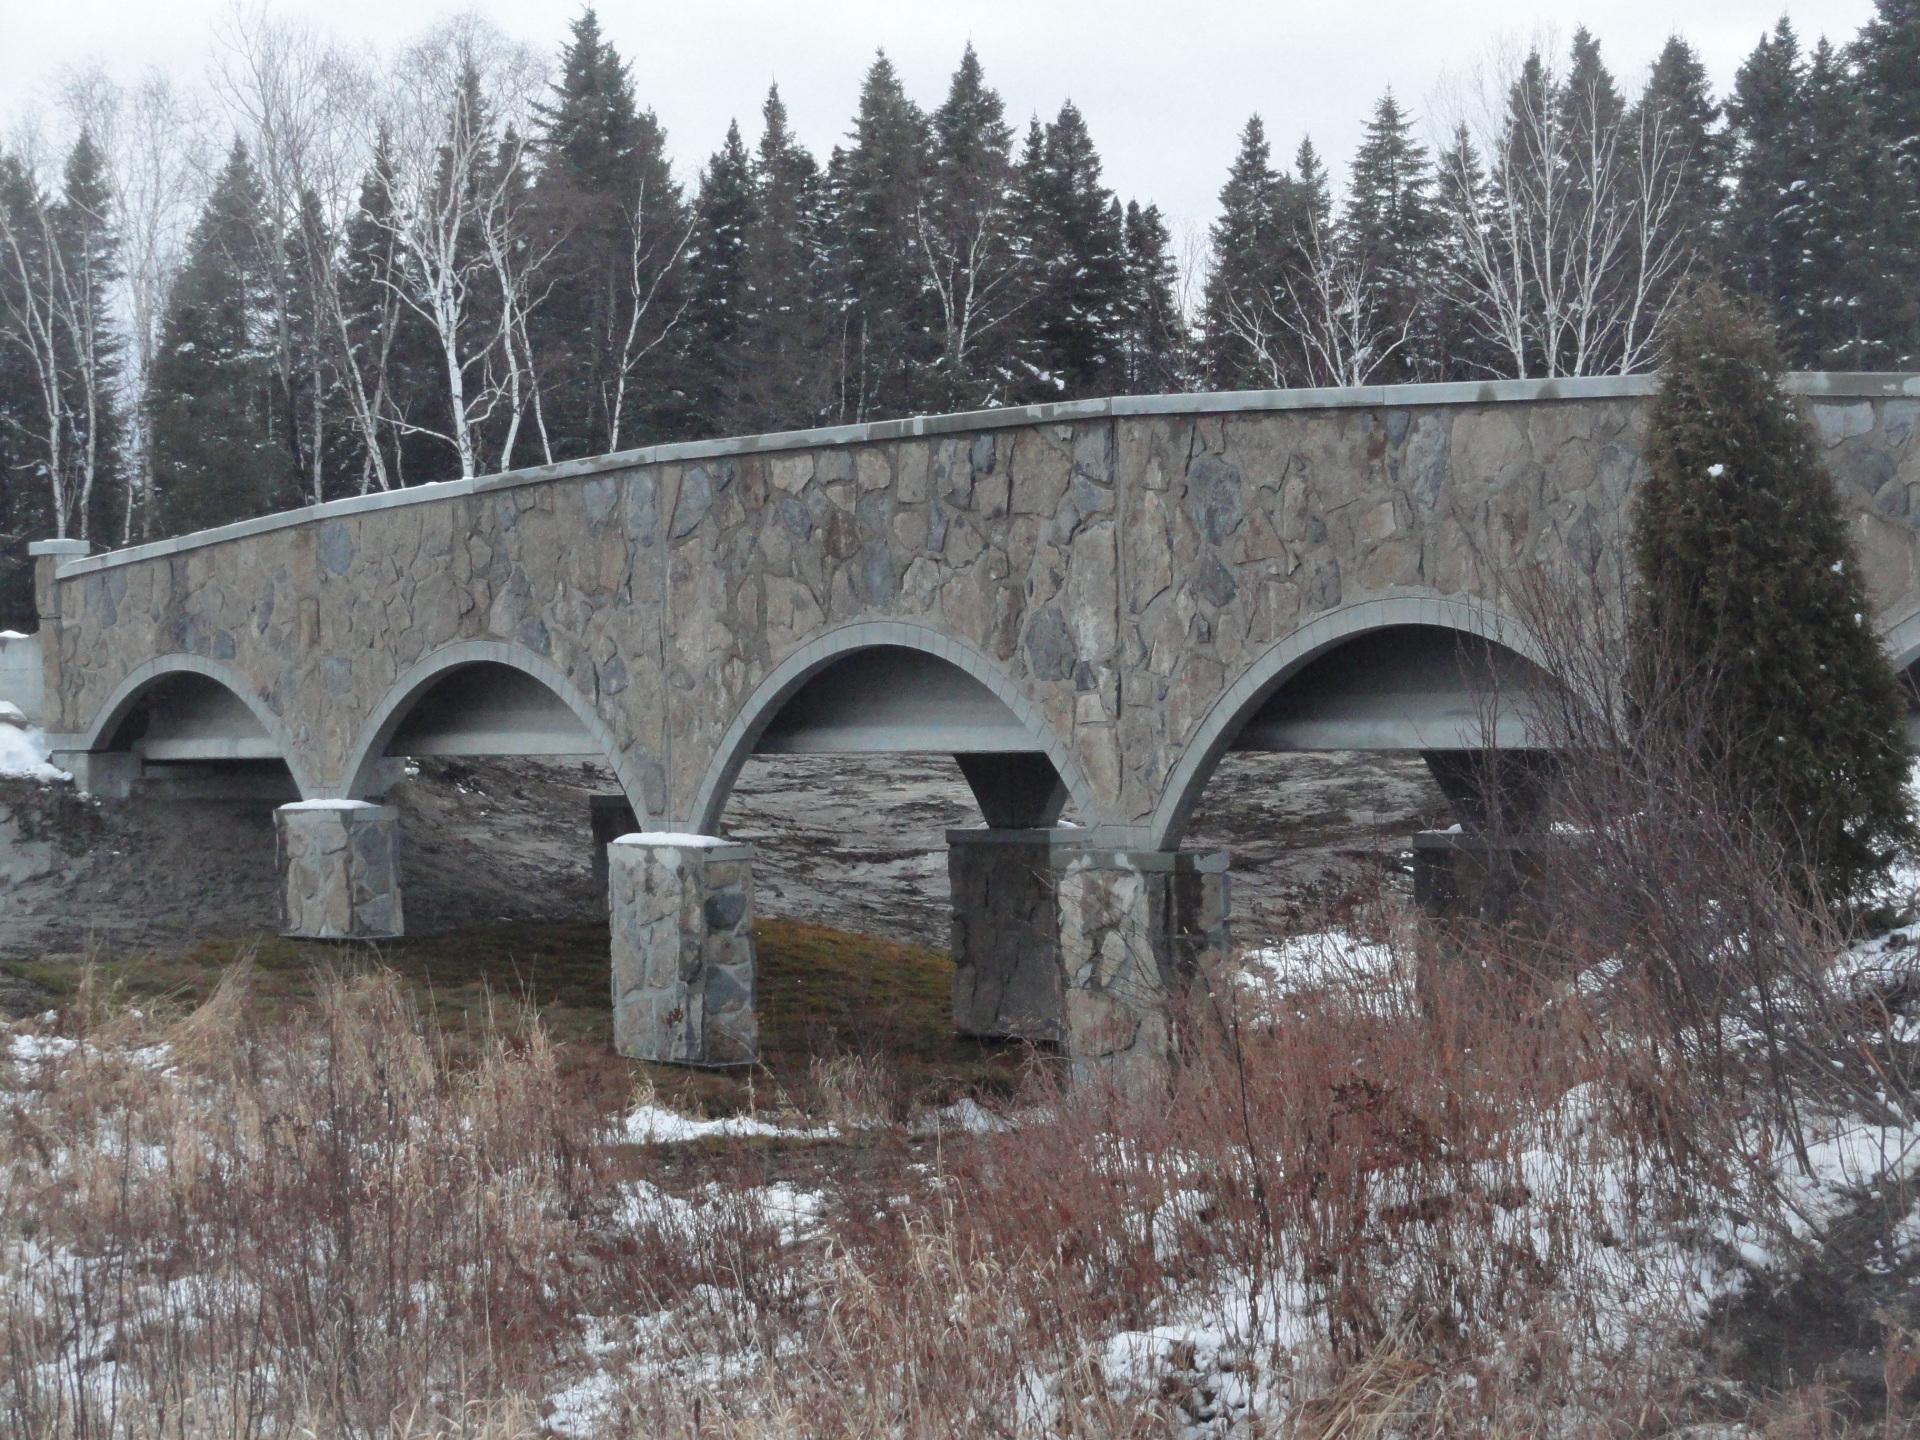 Ingénierie détaillée - Pont architectural préfabriqué